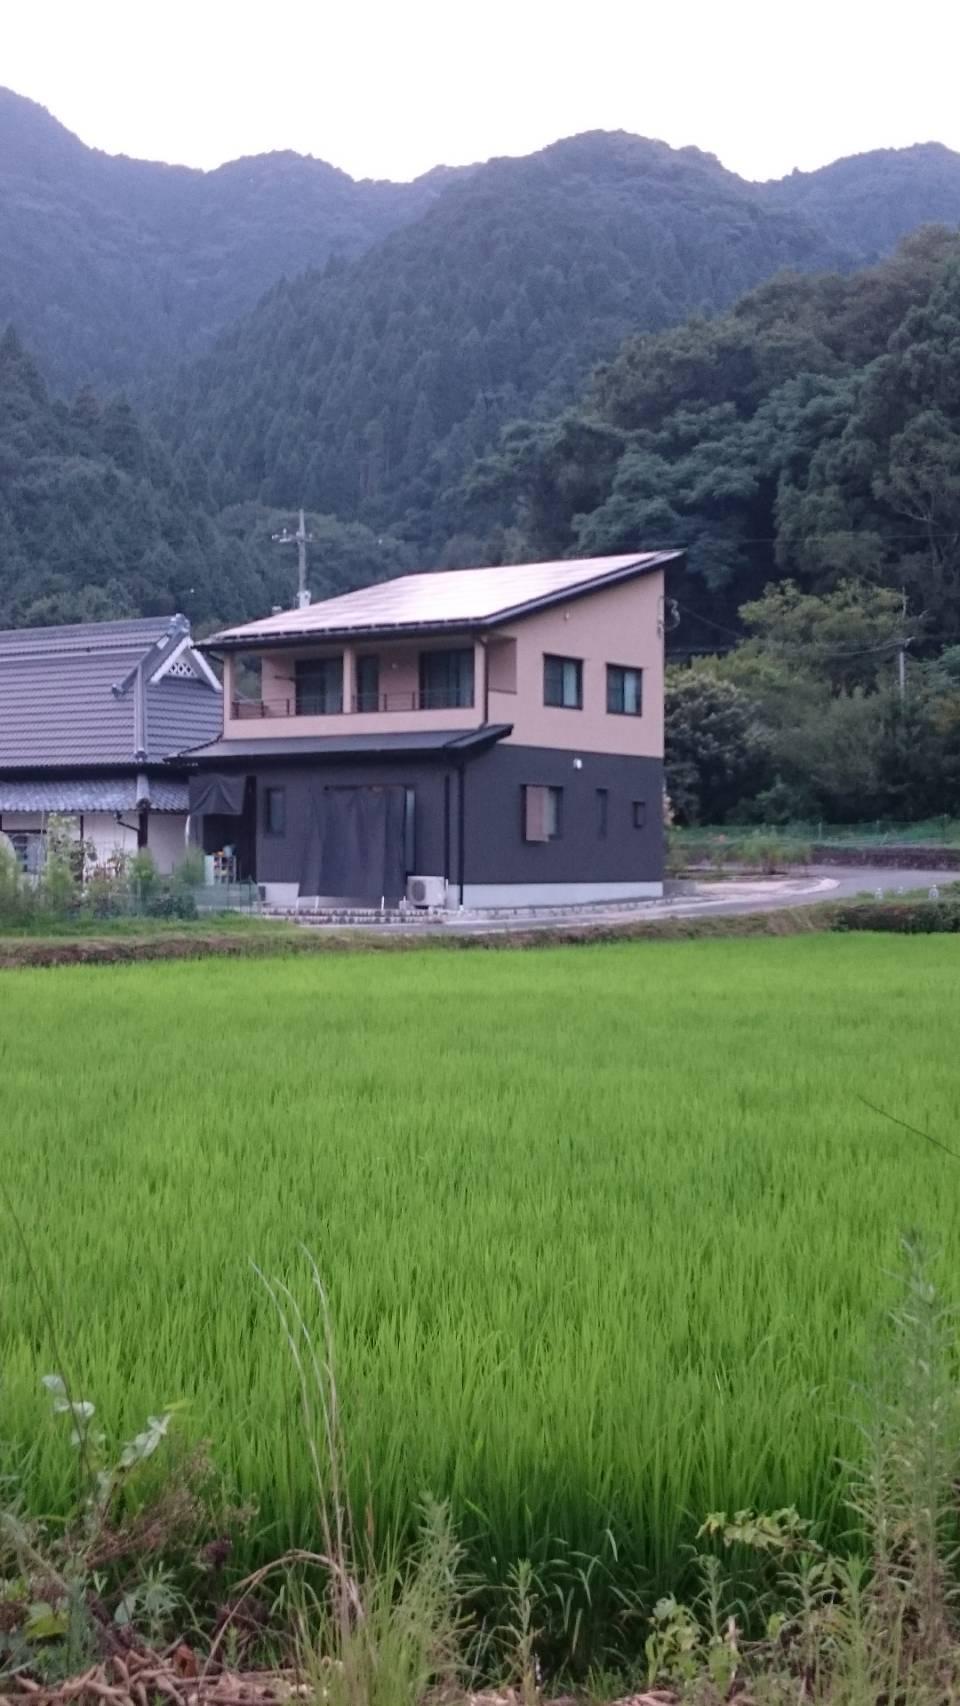 田園風景が似合う注文住宅が完成しました。画像